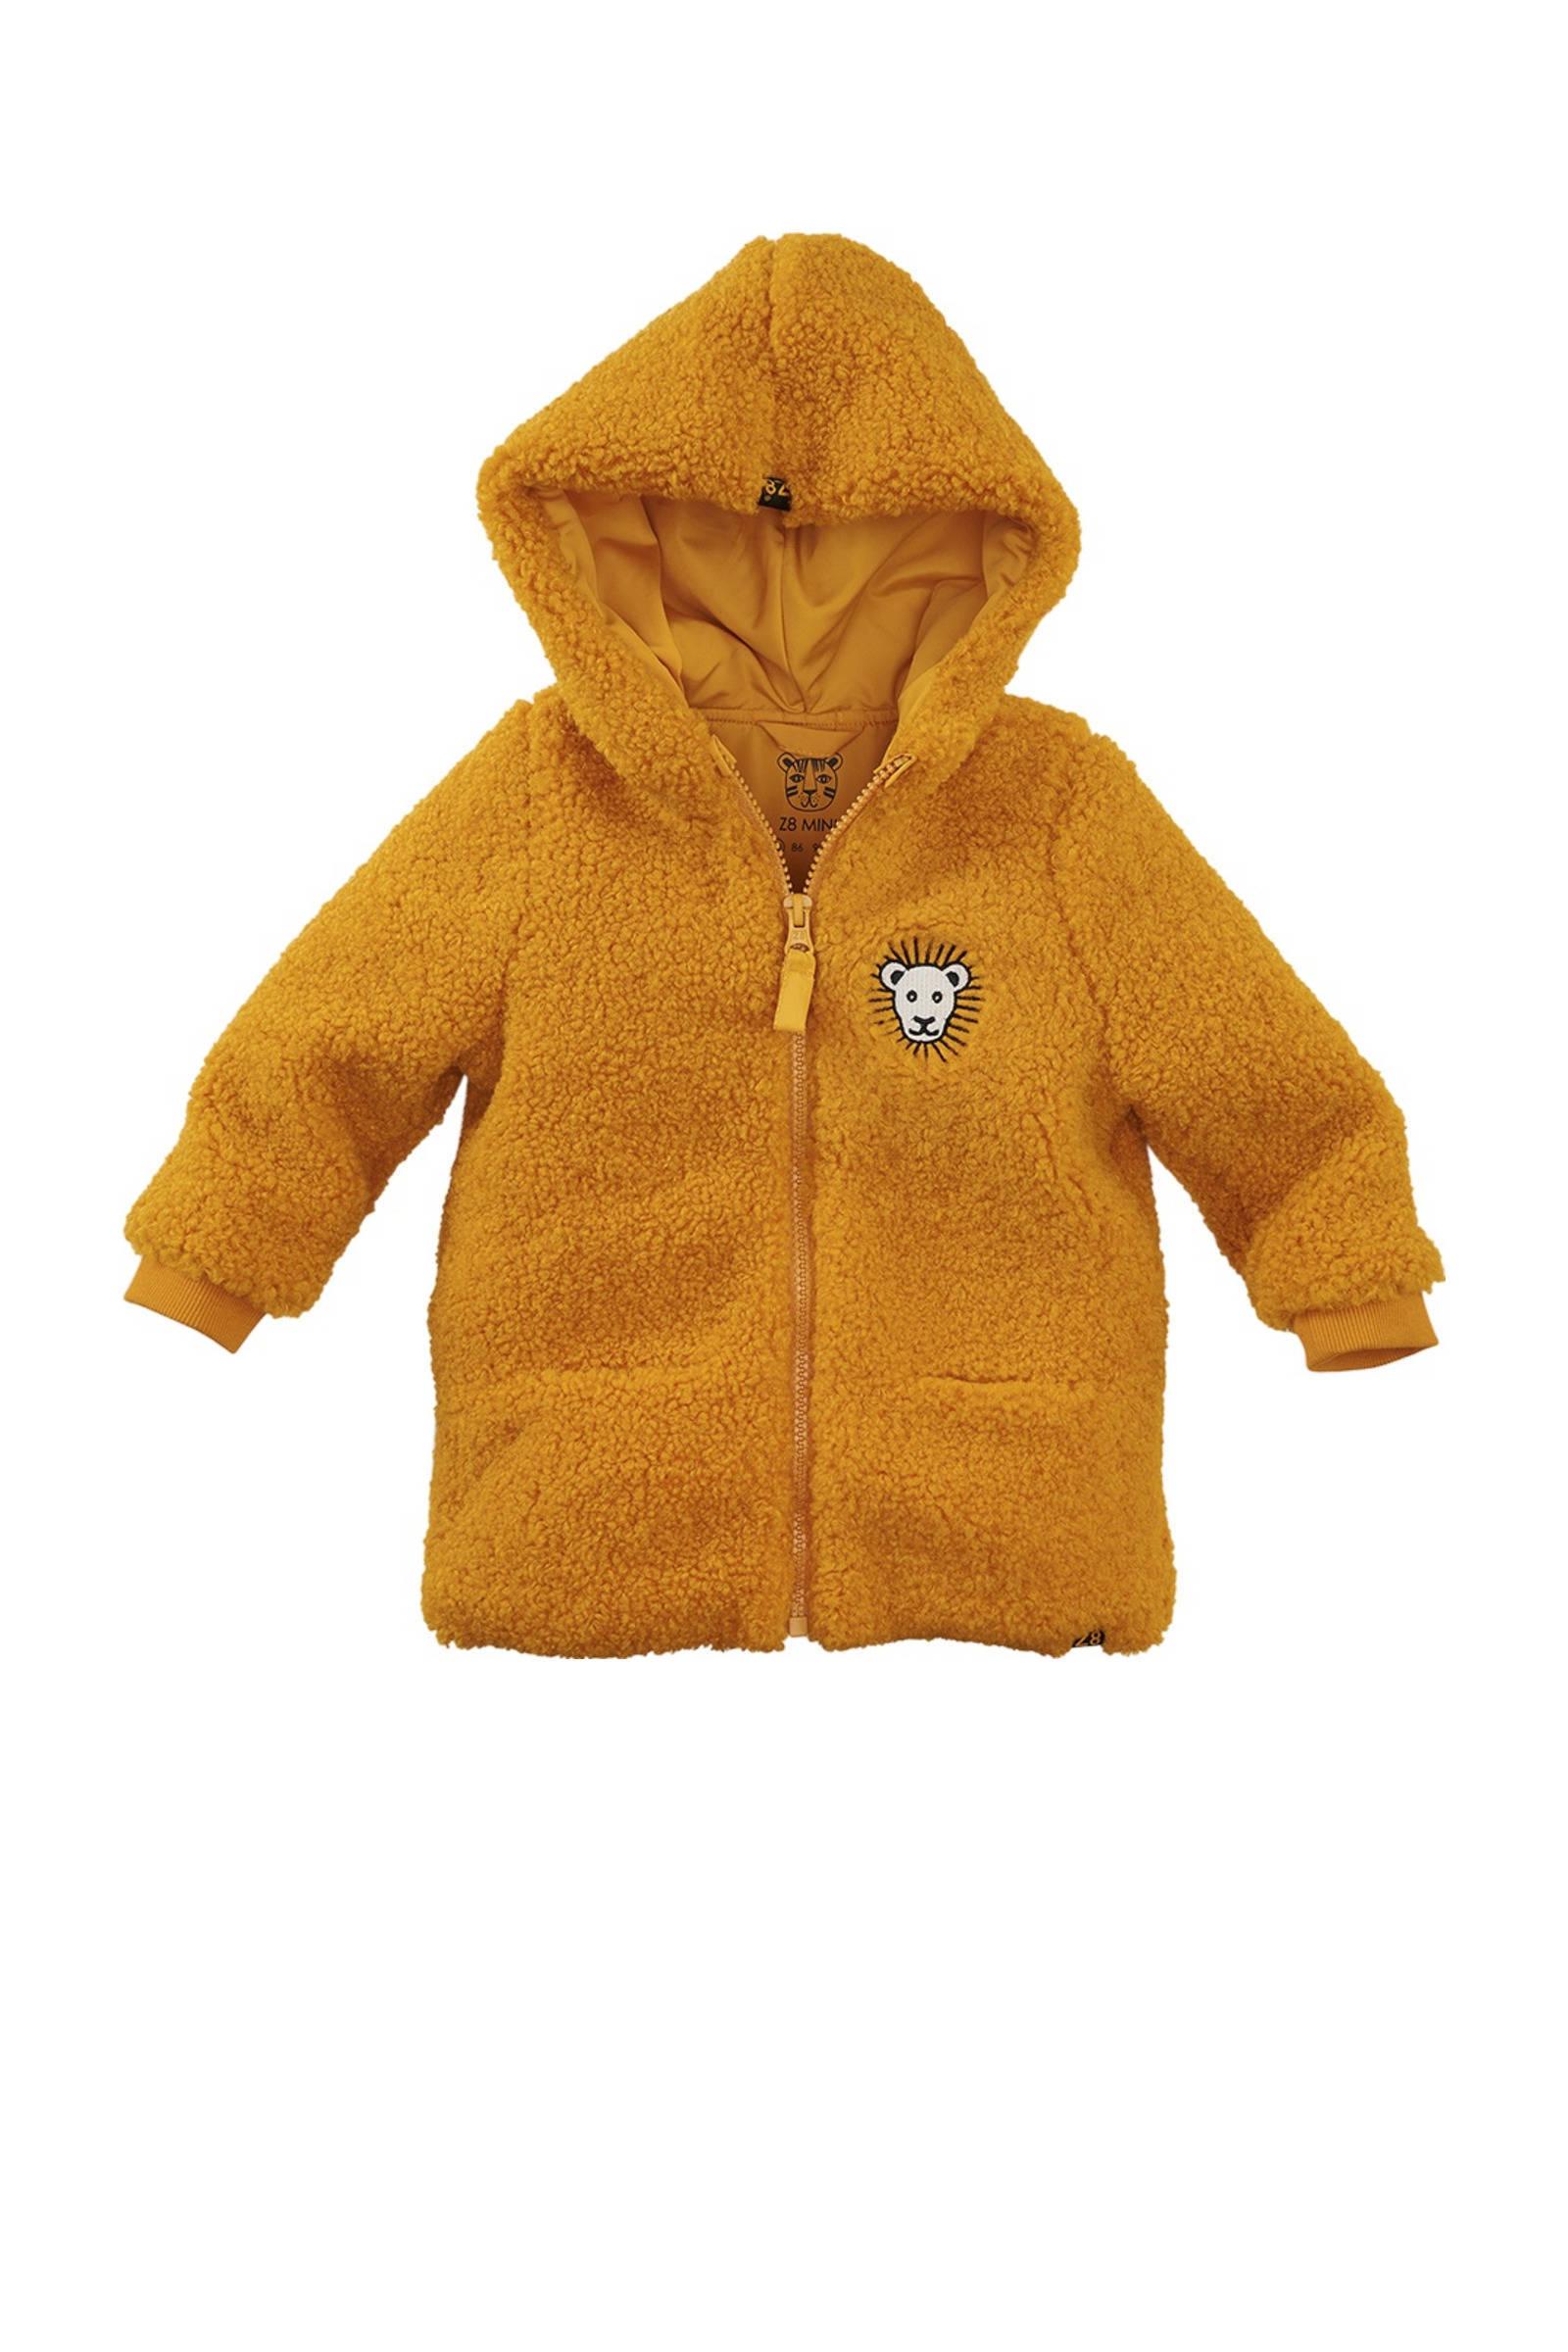 Babyjassen kopen Vind jouw Babyjassen online op Wehkamp